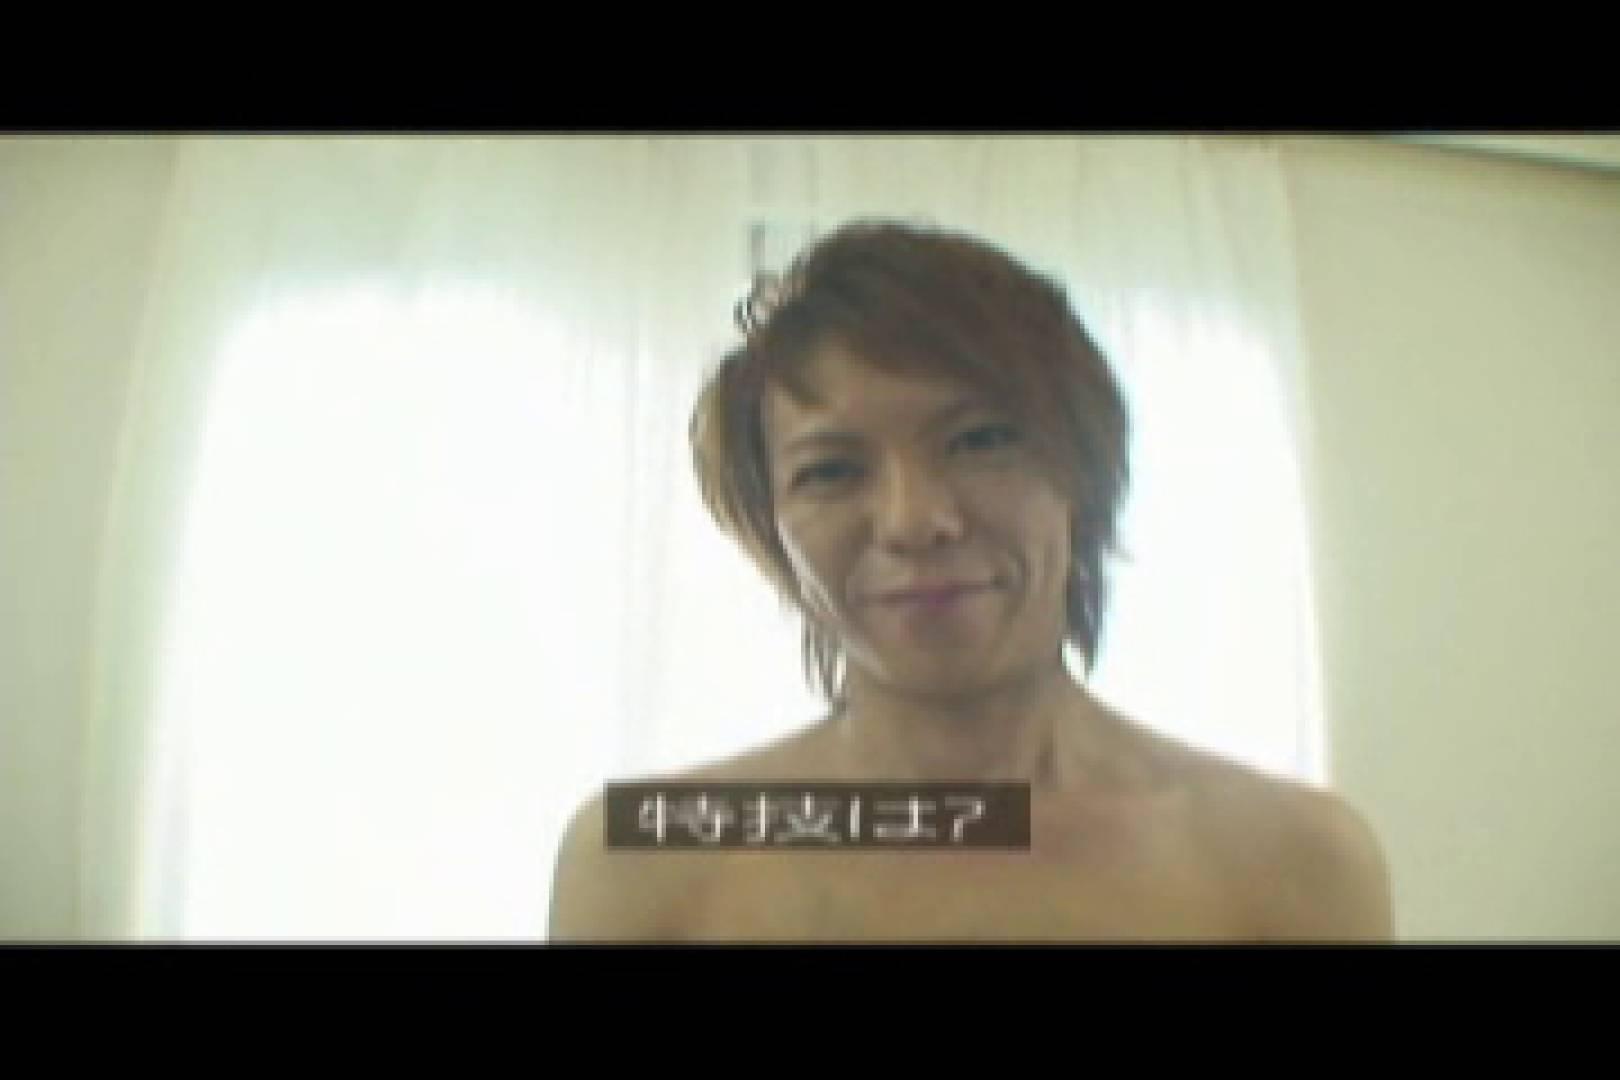 美男子コレクションvol6 玩具 ゲイアダルトビデオ画像 86pic 40